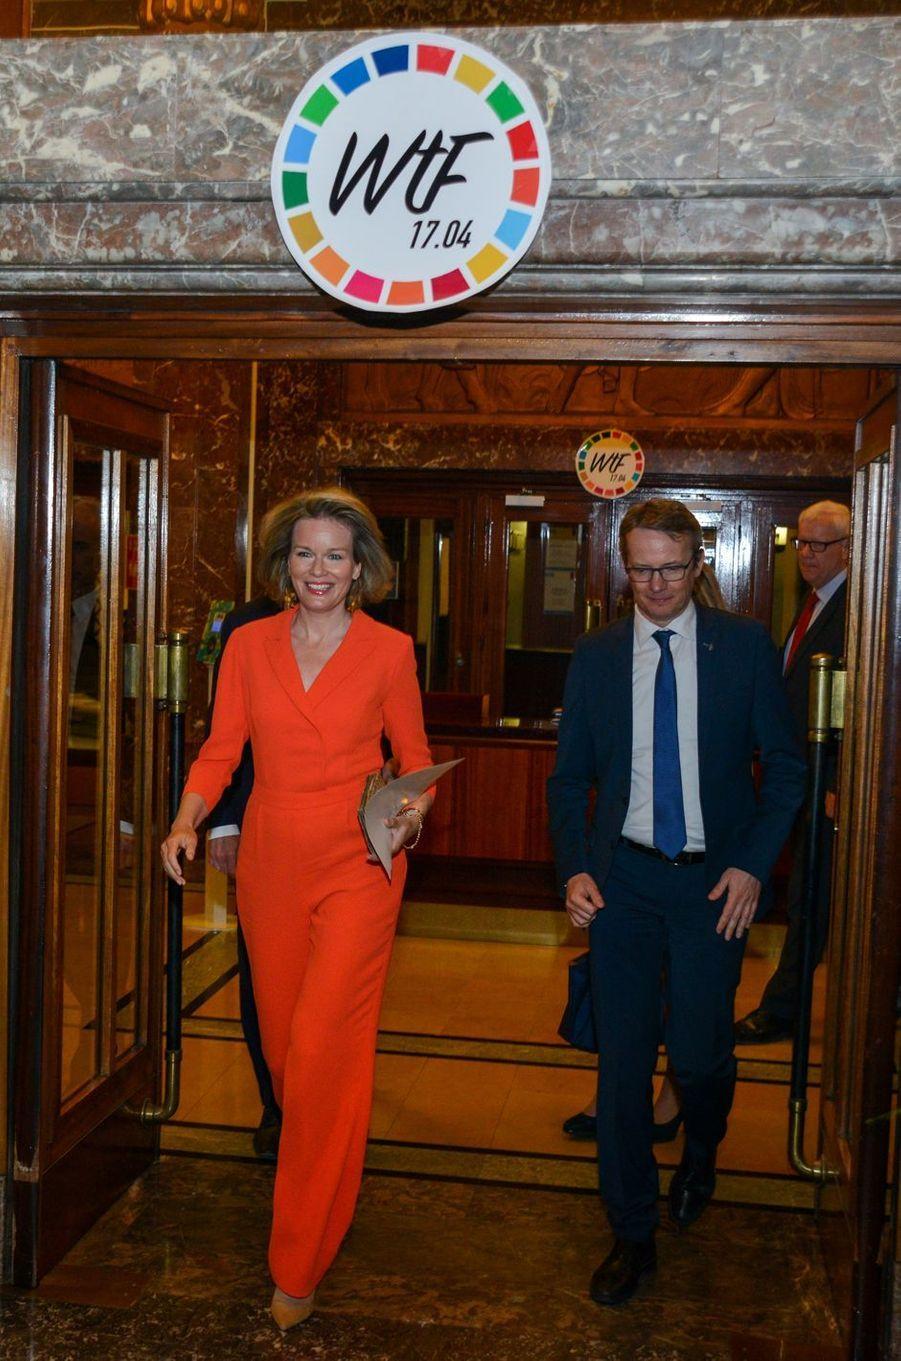 La reine Mathilde de Belgique en combinaison pantalon orange à Louvain, le 17 avril 2018